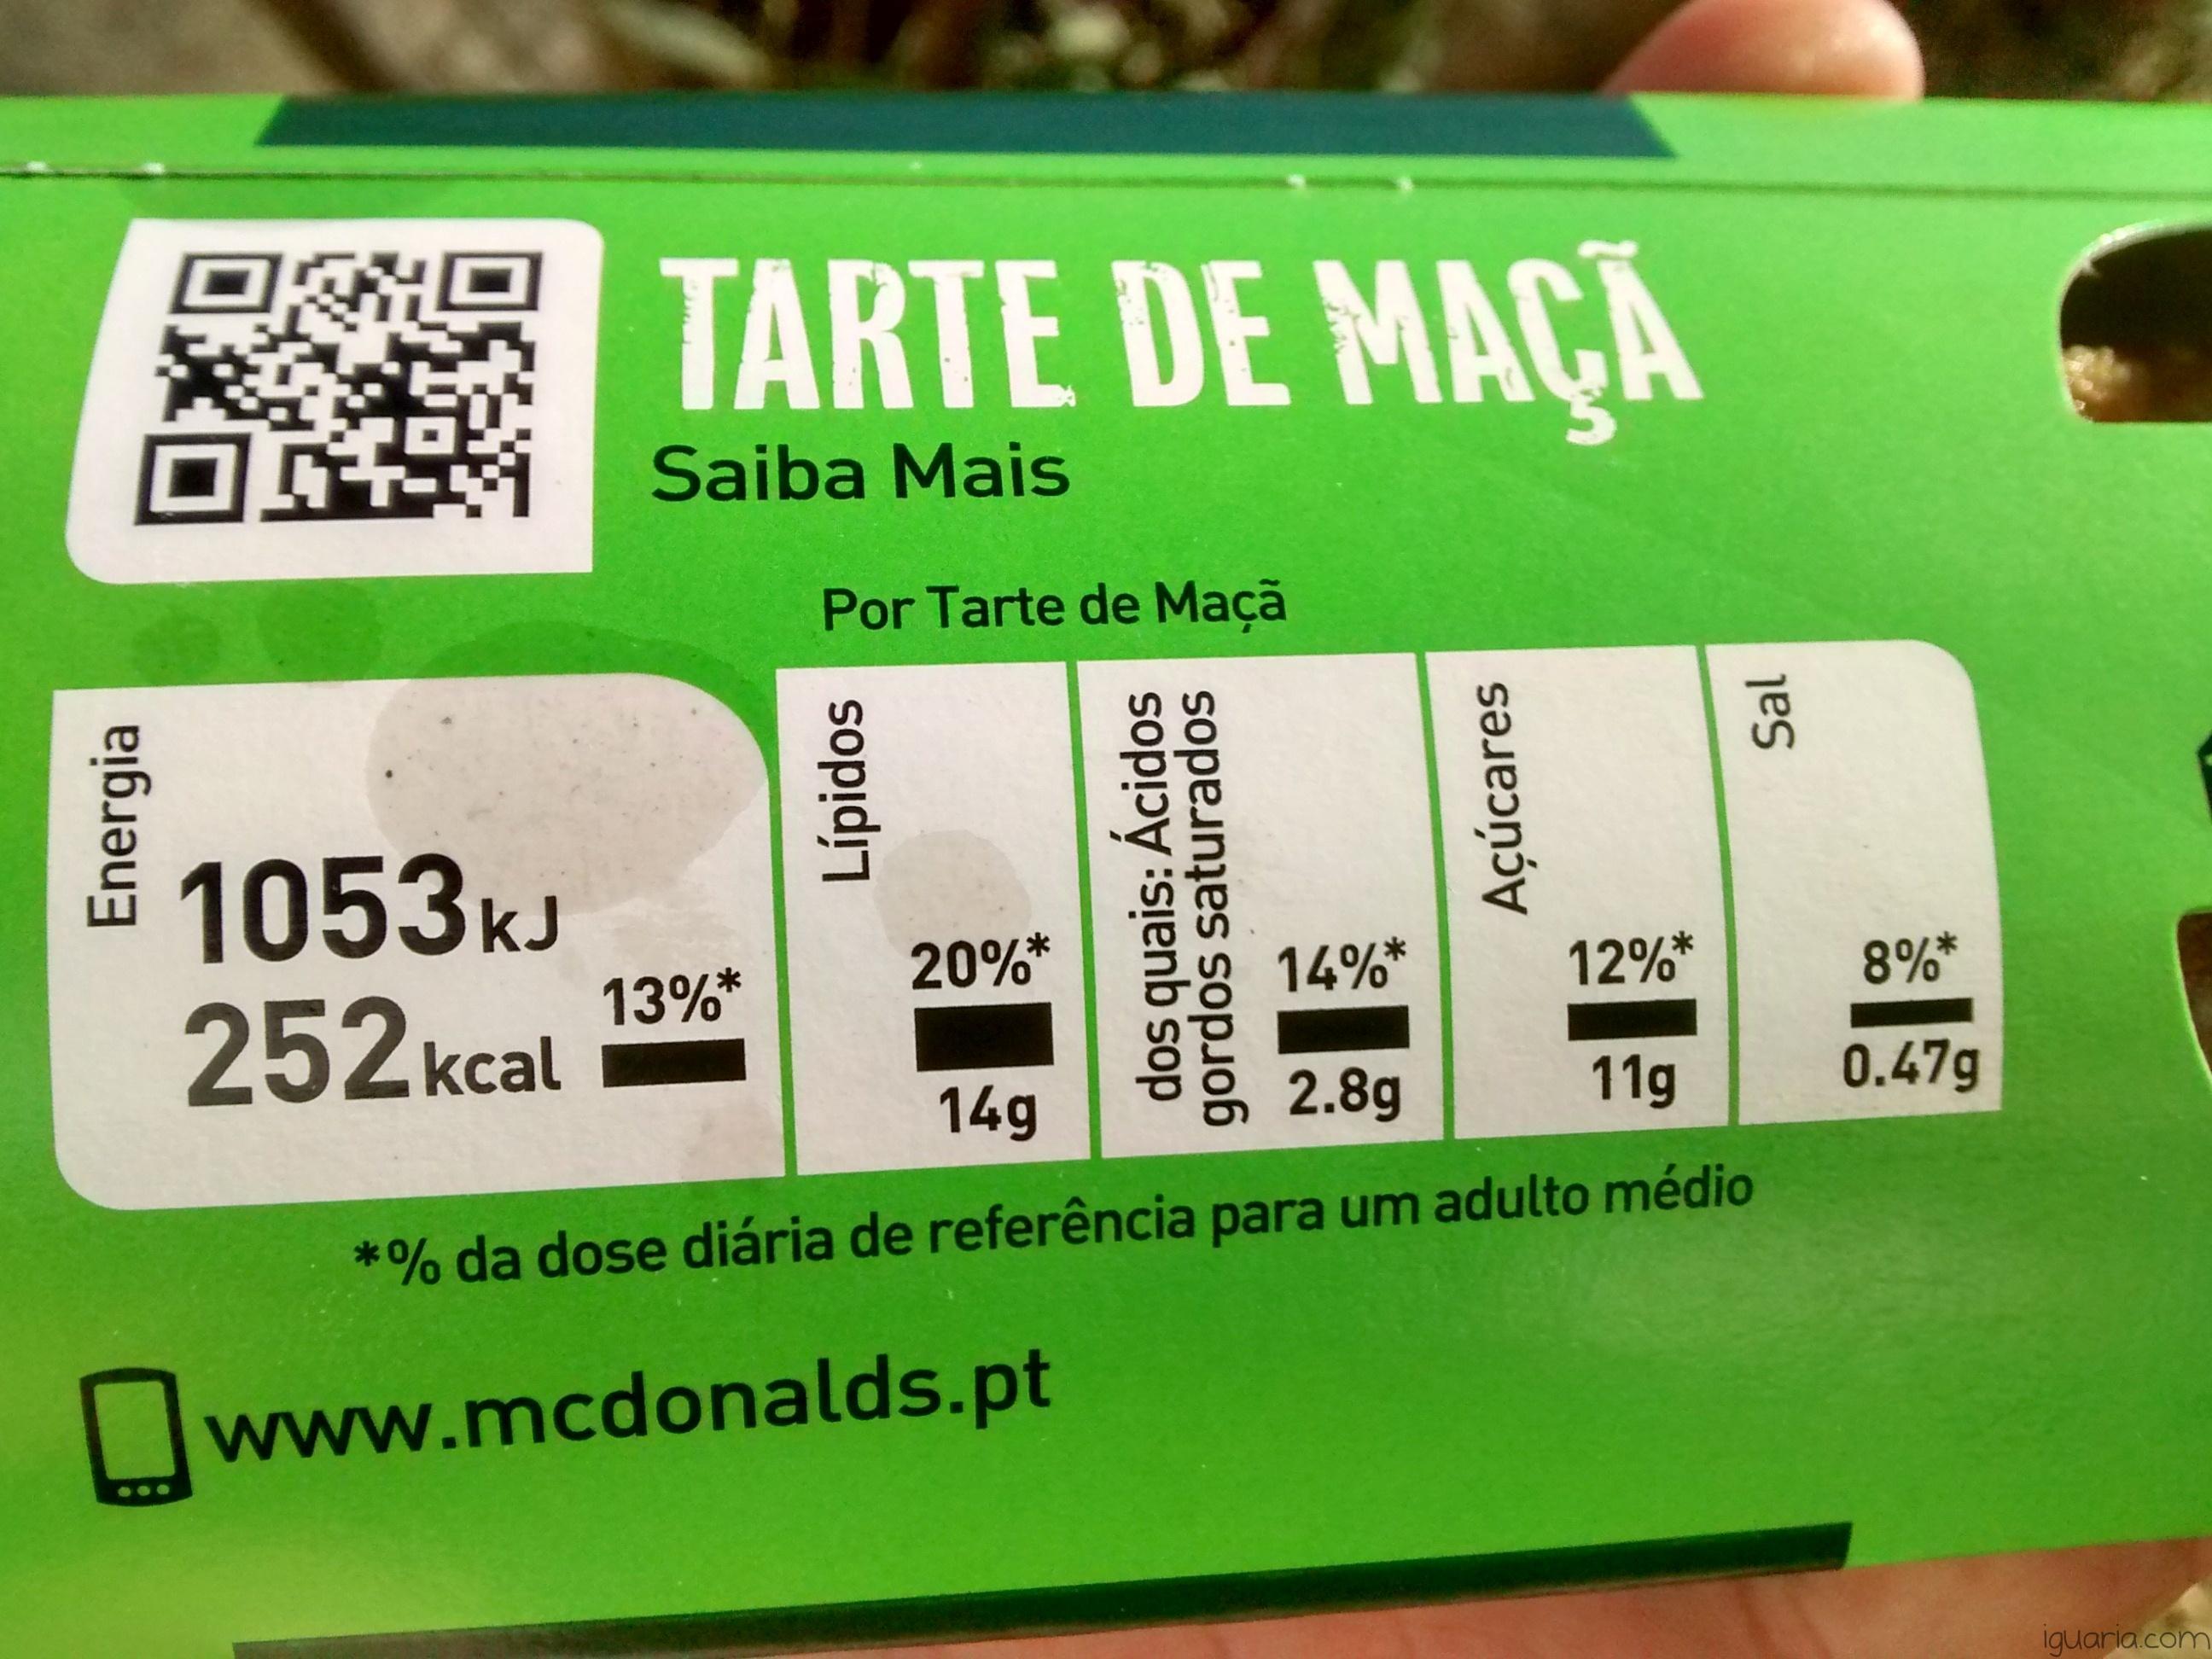 Iguaria_Informacao-Nutricional-Tarte-Maca-Macdonalds